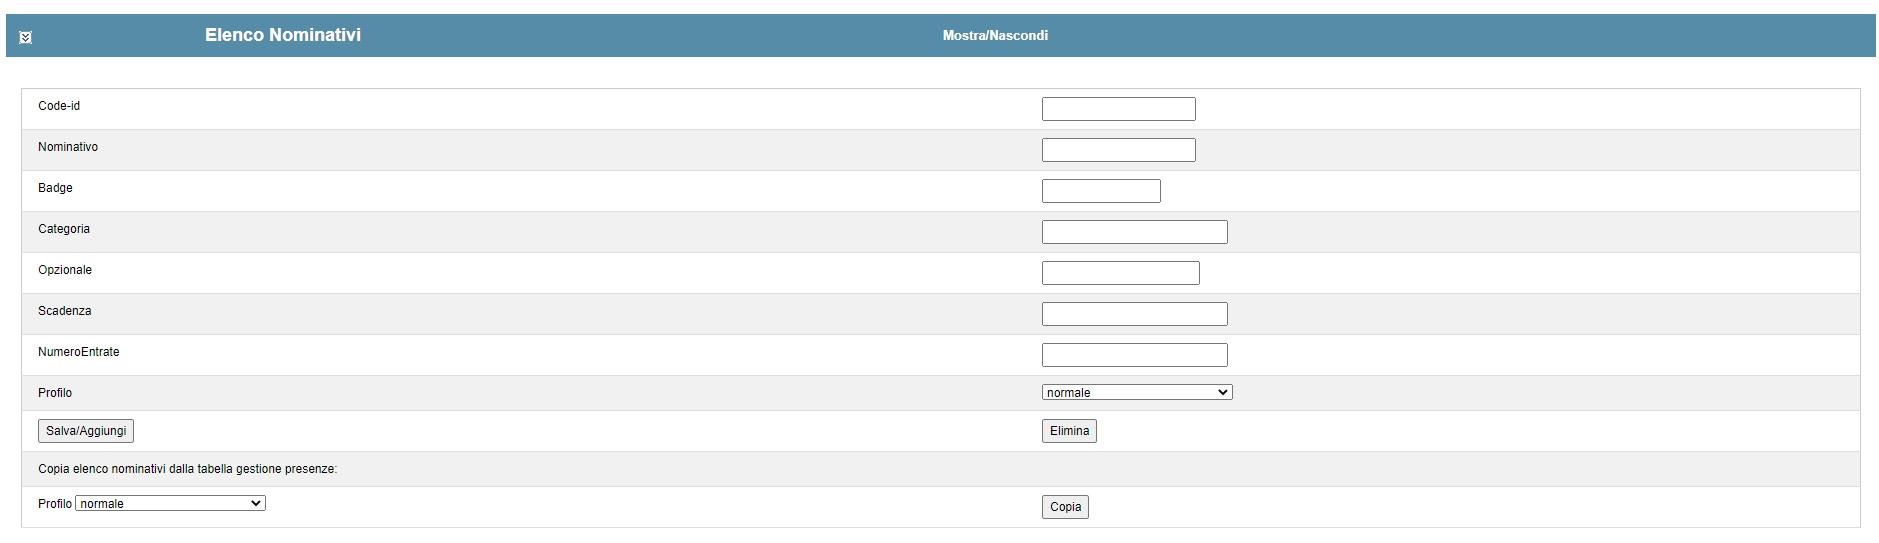 Guida-Controllo-Accessi-Elenco-Nominativi